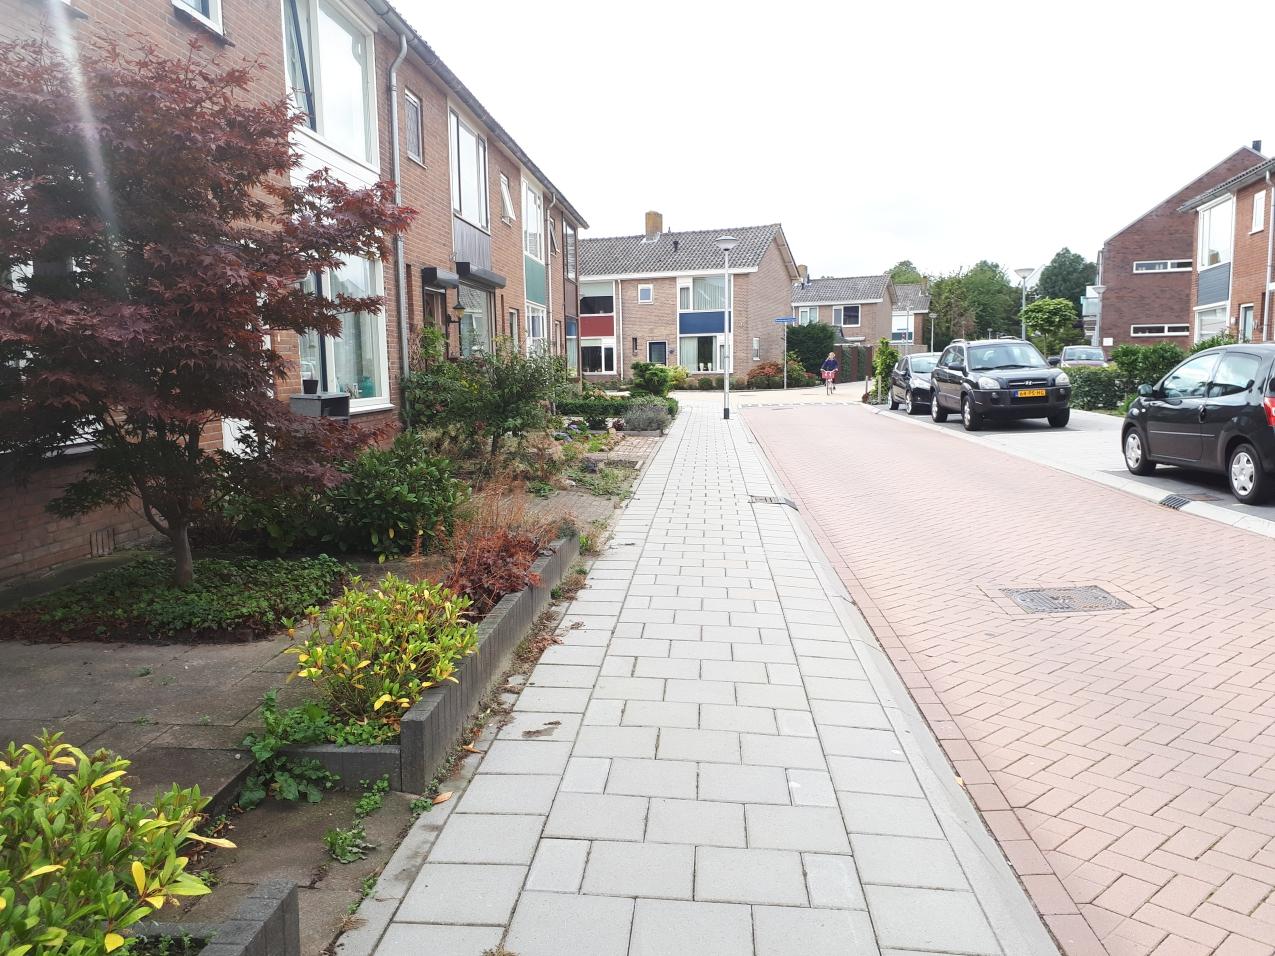 huurhuis-parkeren-in-voortuin-parkeerplaats-straat-huizen-woningen-woonwijk